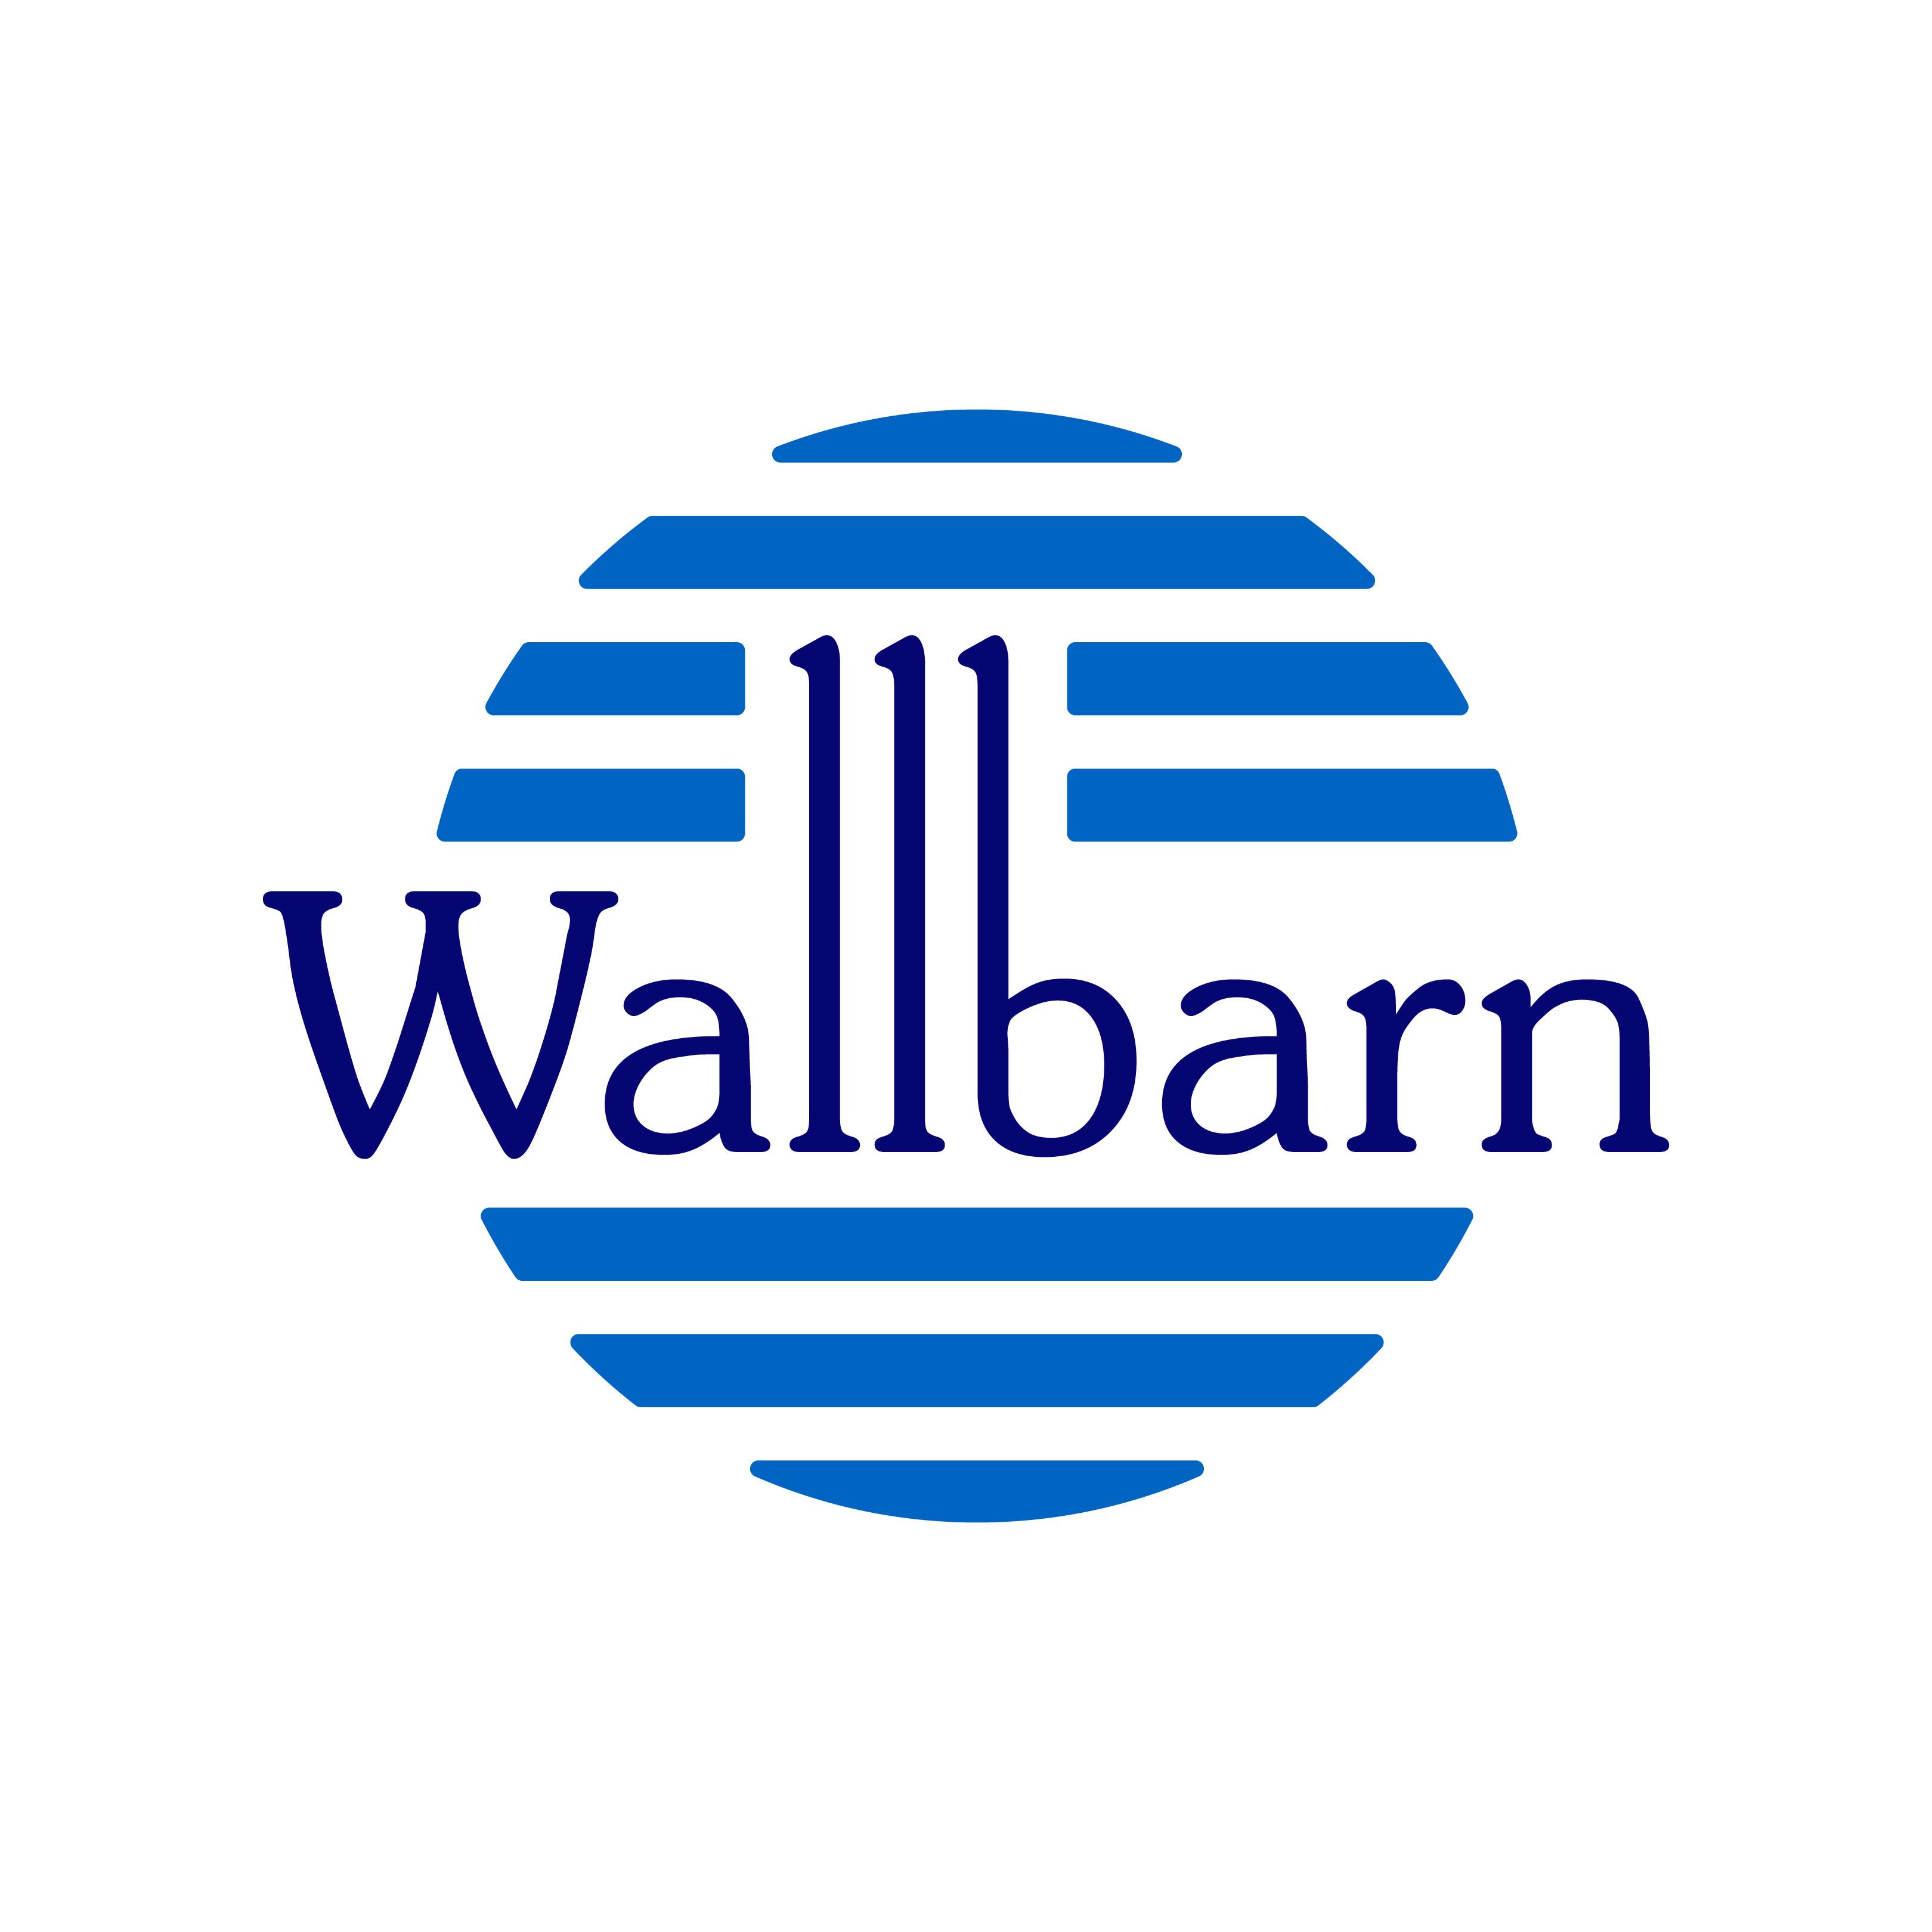 Wallbarn